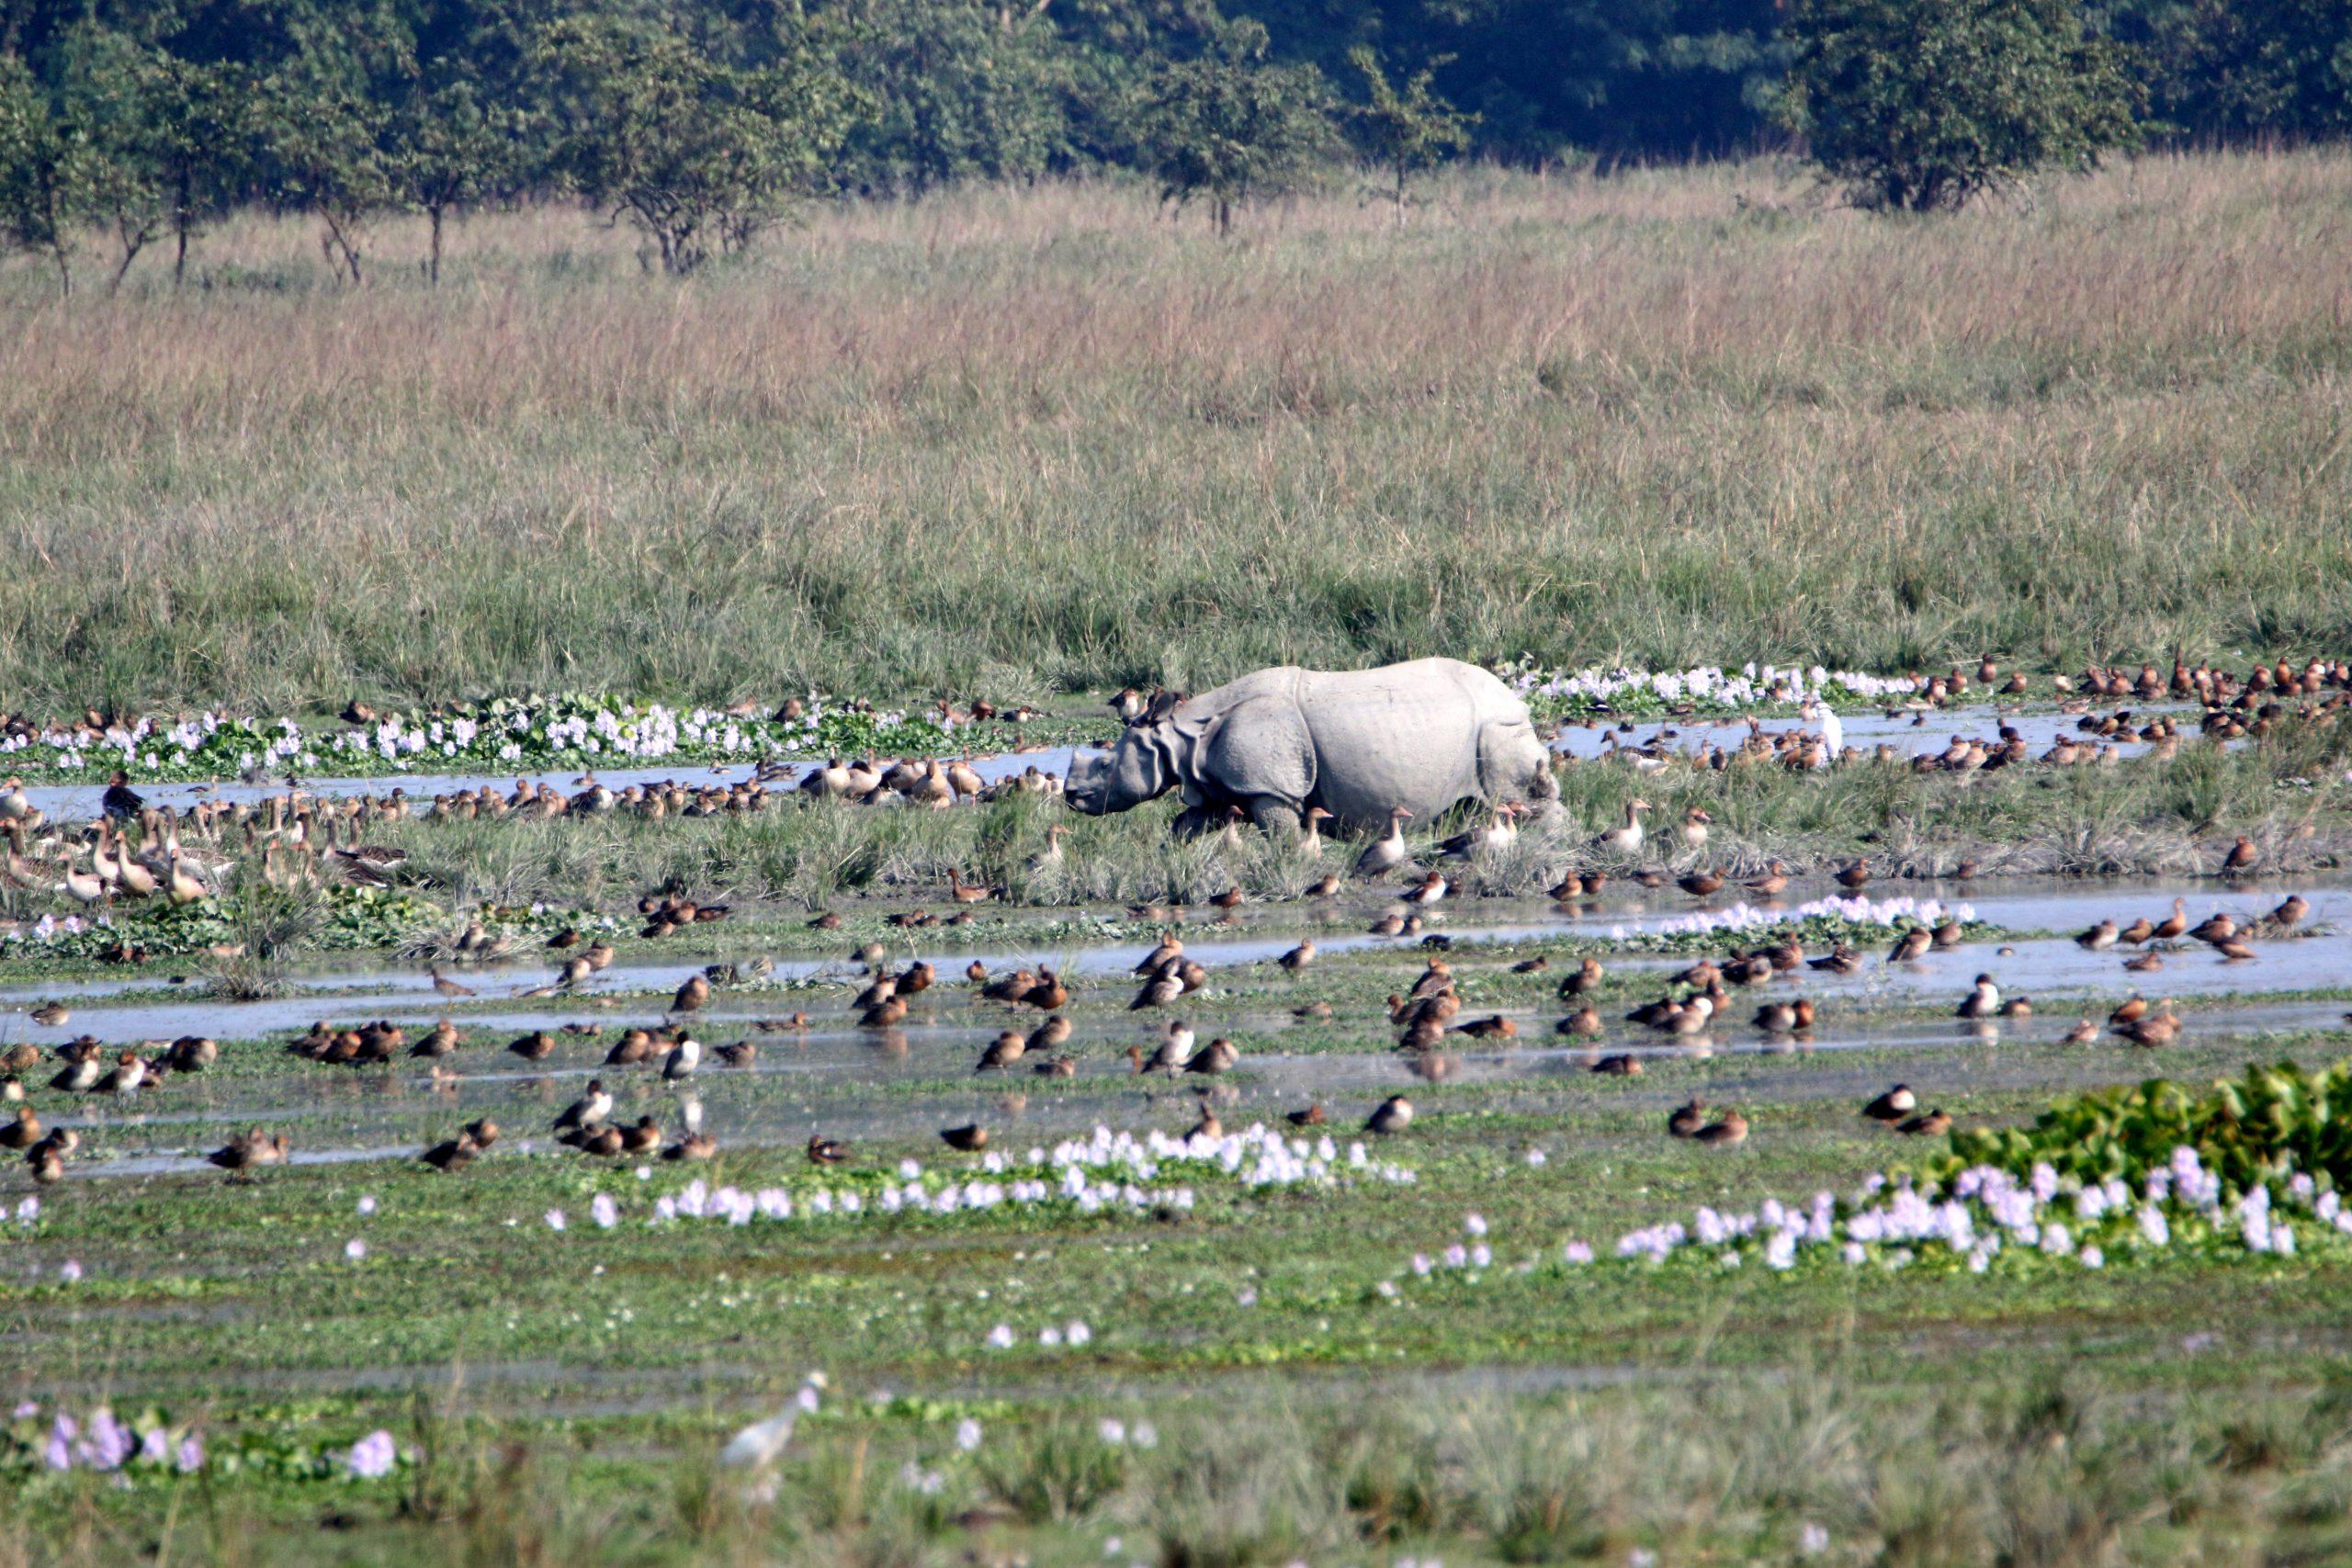 A rhino in a pond